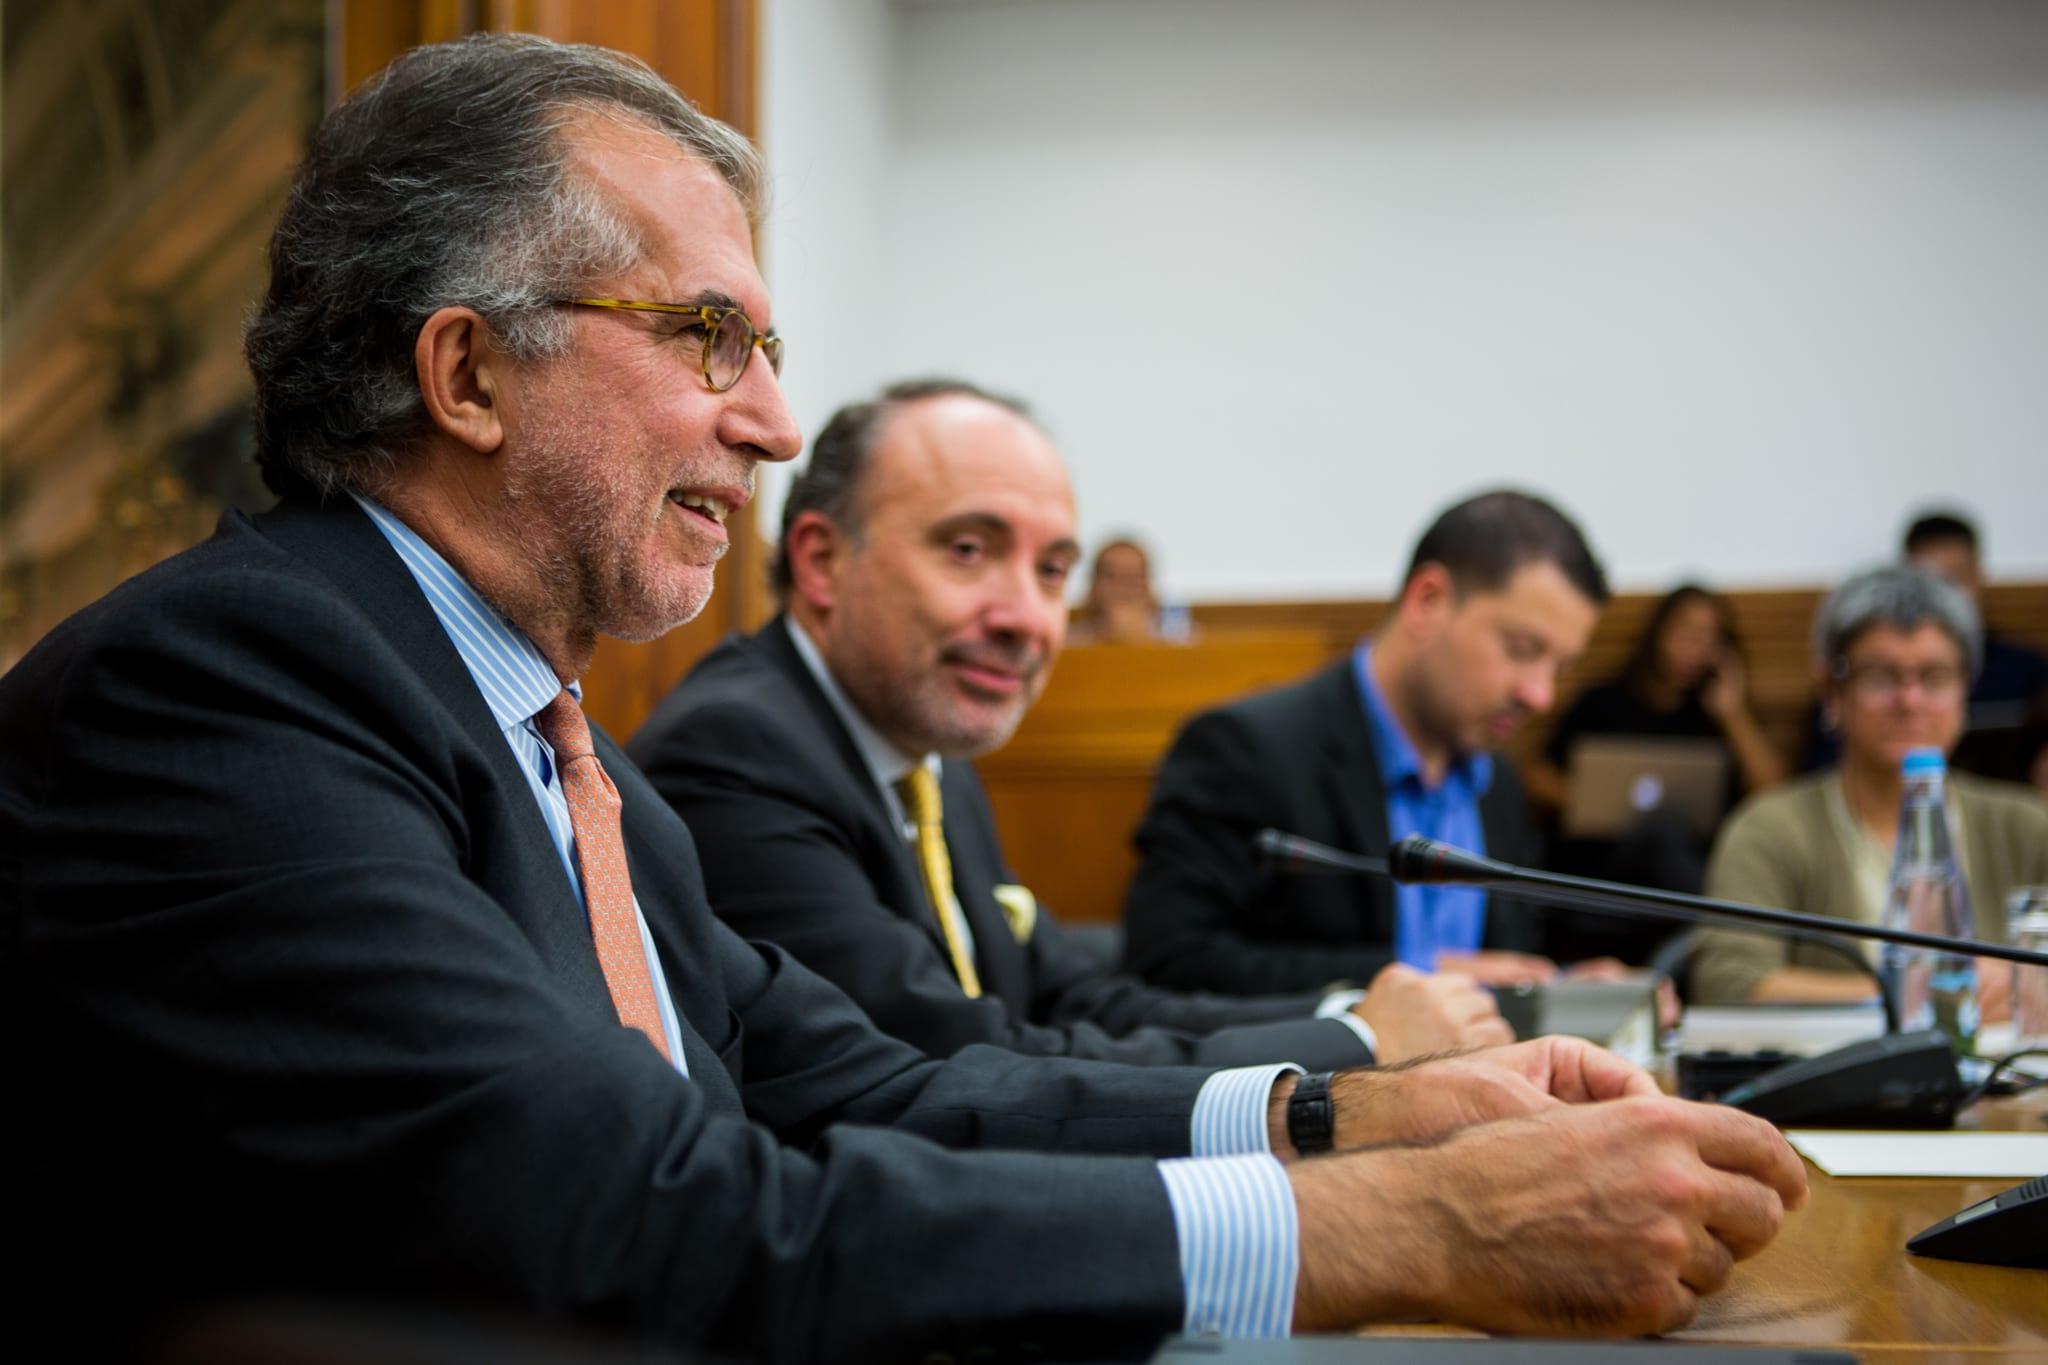 PÚBLICO - Deputados querem obrigar Governo e BdP a dar documentos sobre a Caixa